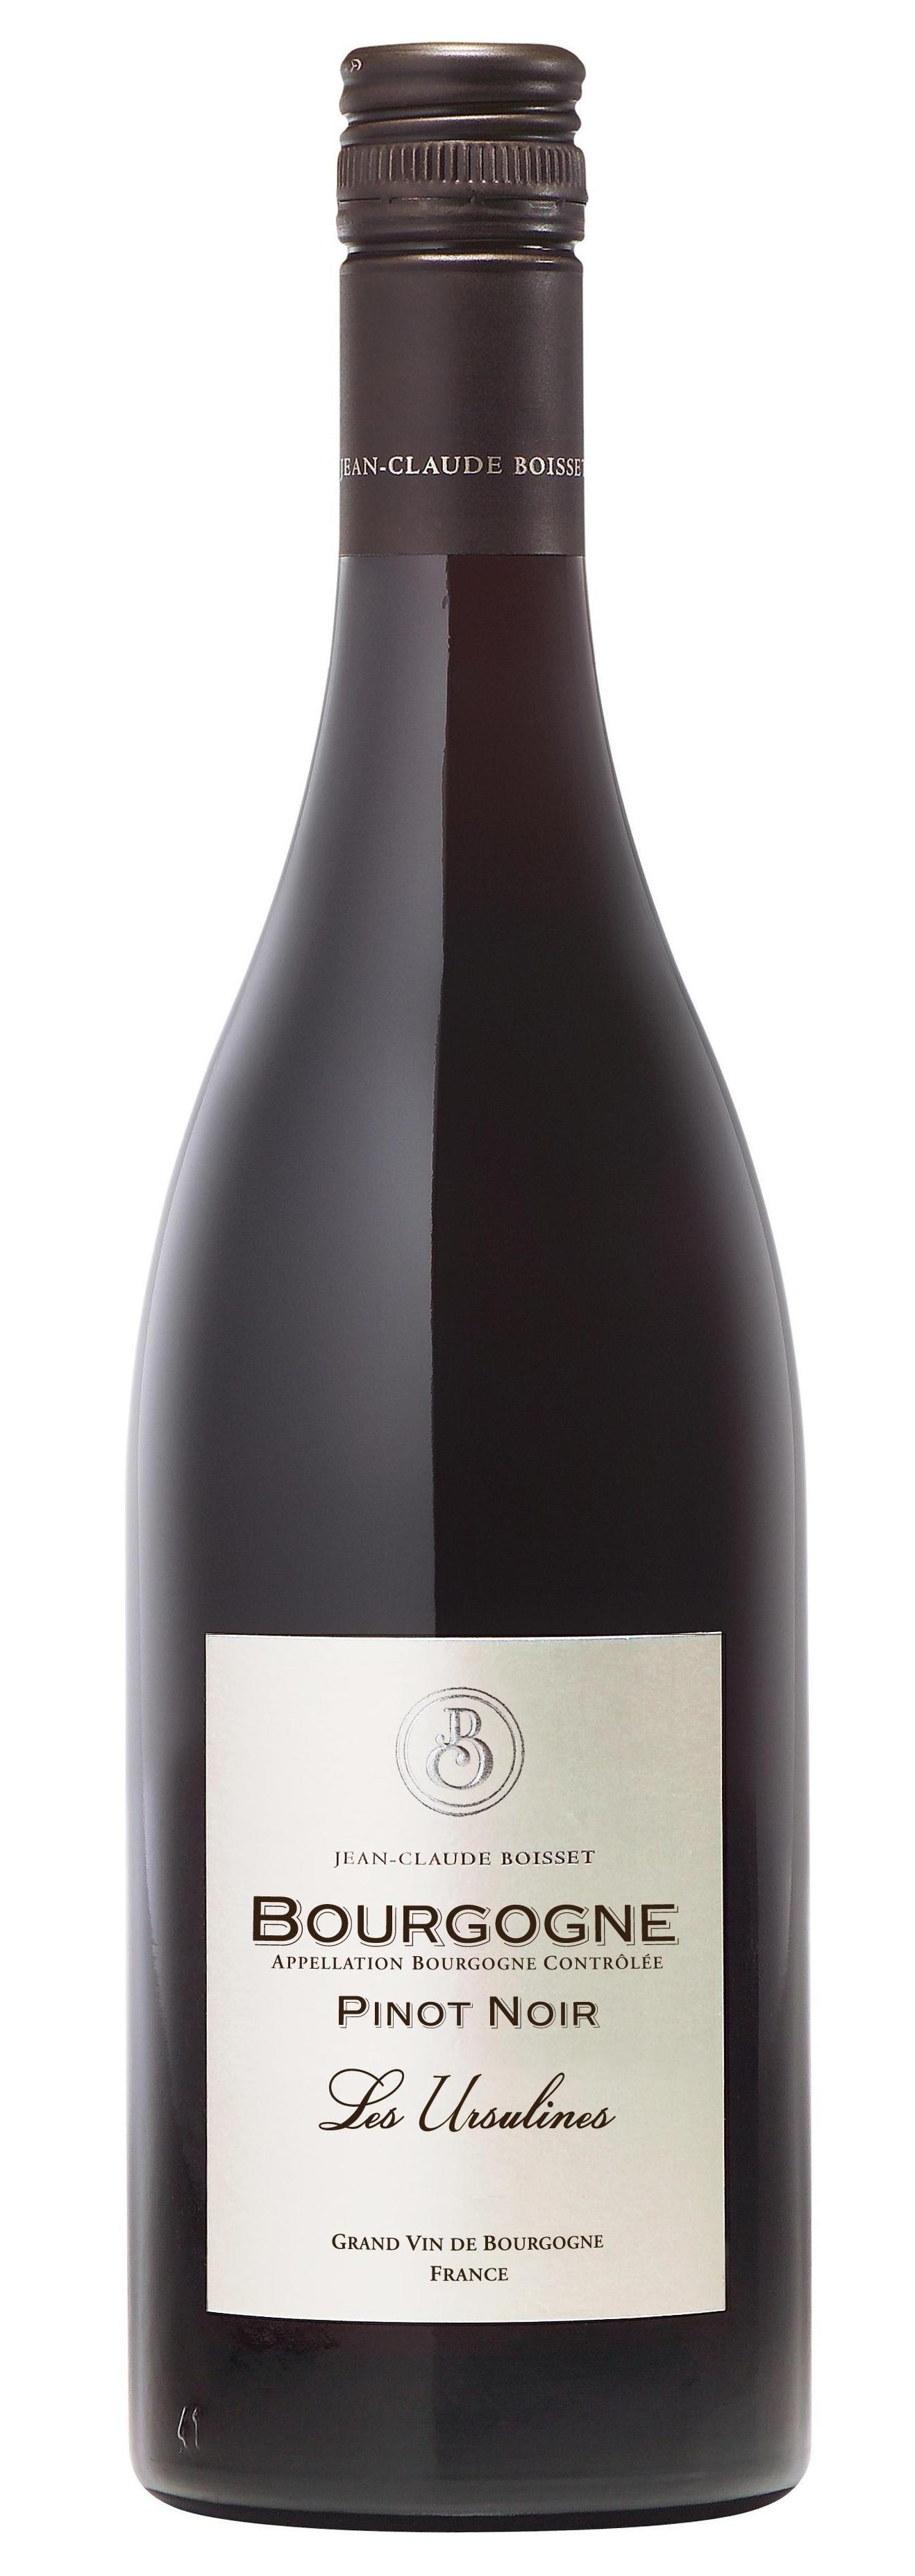 Jean-Claude Boisset, Bourgogne Pinot Noir `Les Ursulines` 2017